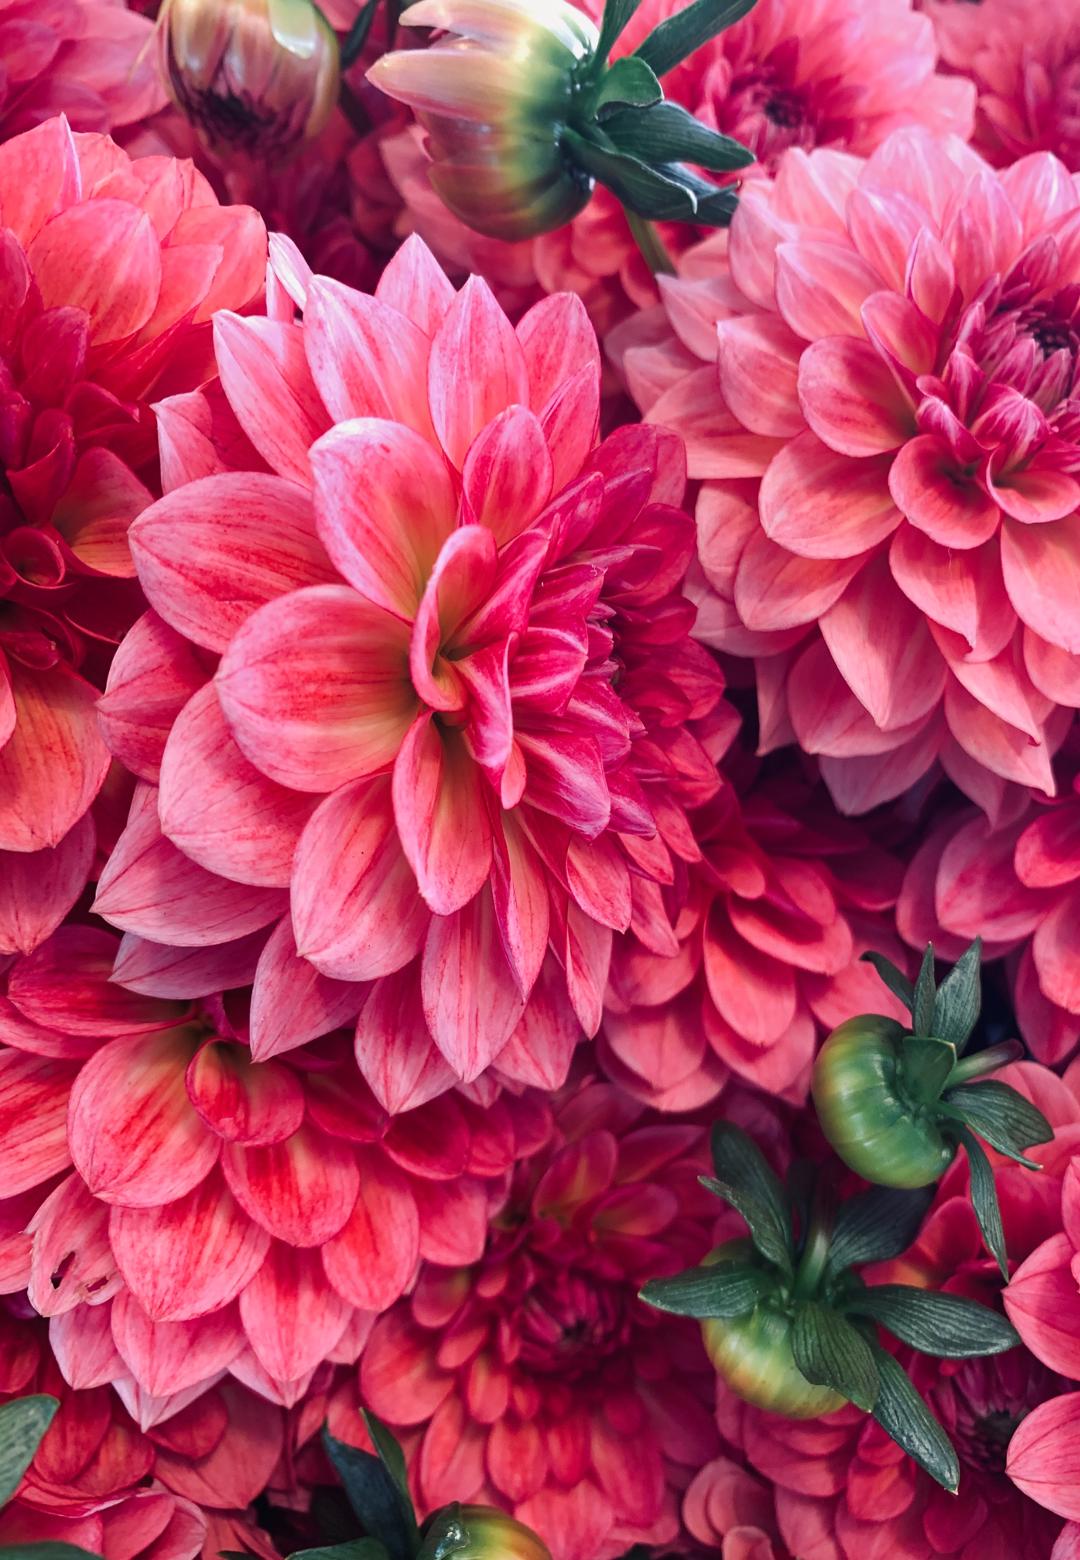 růžové jiřiny